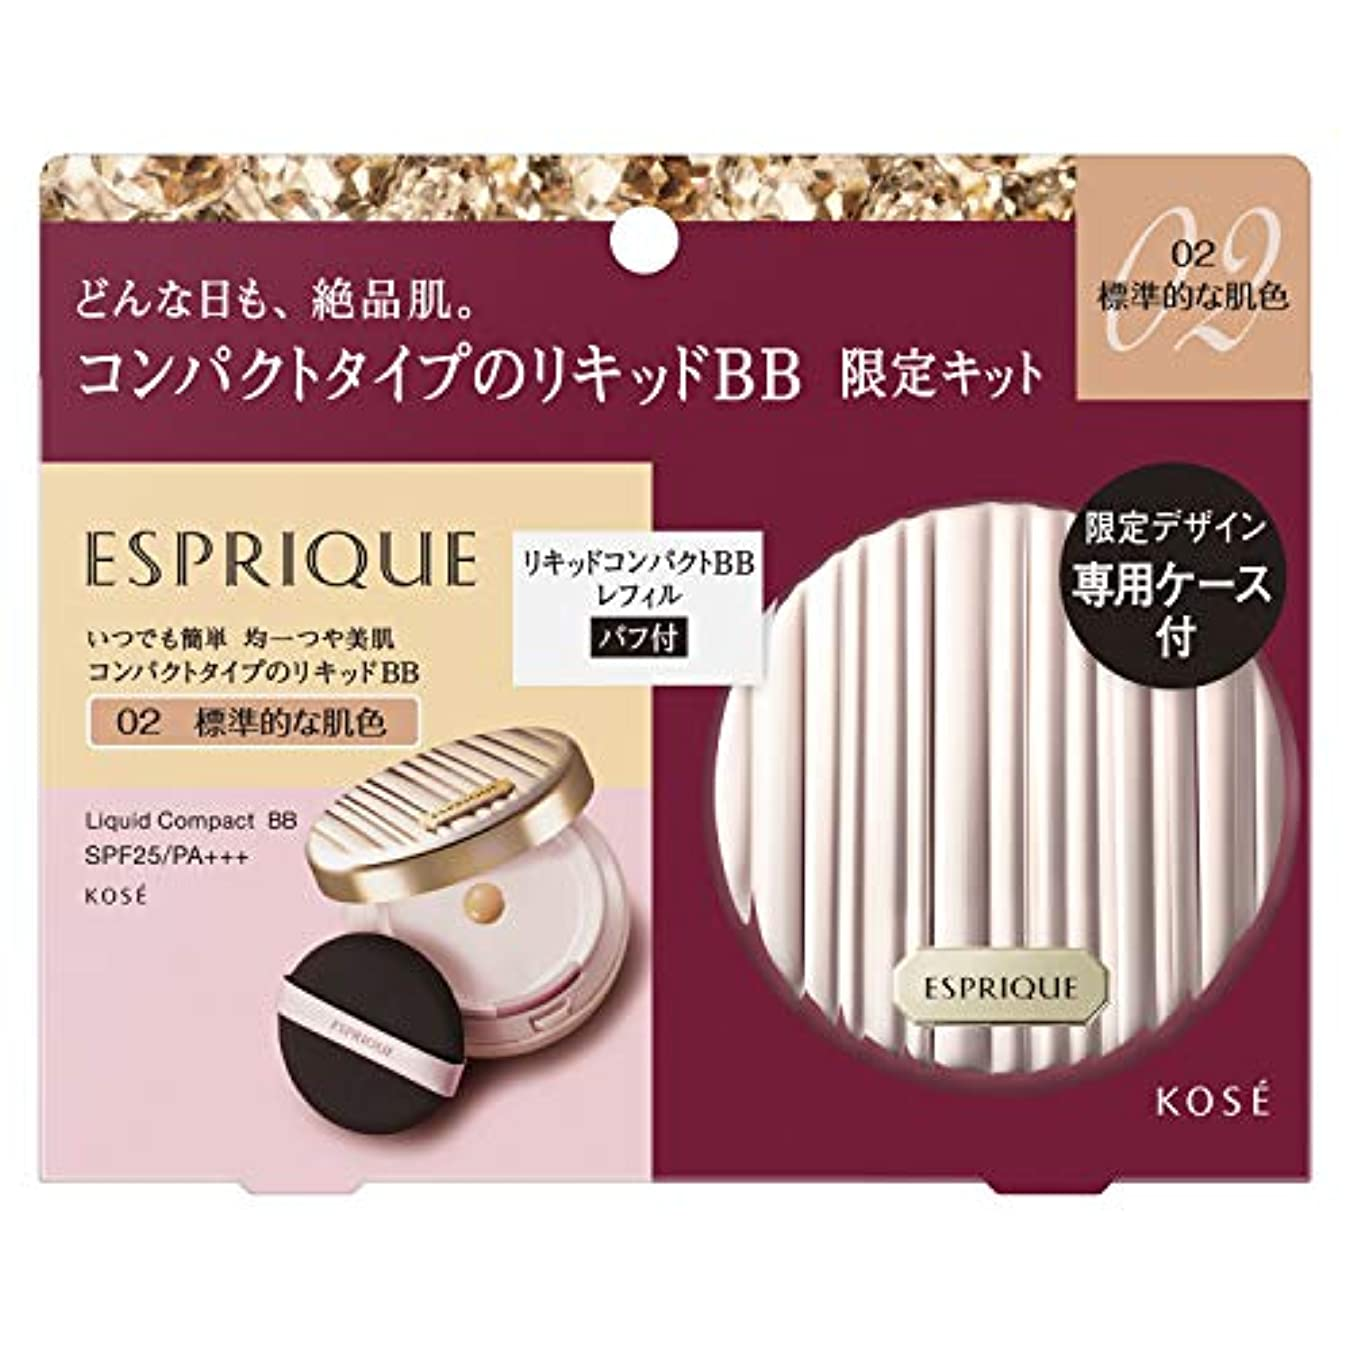 高音鉱夫冗長ESPRIQUE(エスプリーク) エスプリーク リキッド コンパクト BB 限定キット 2 BBクリーム 02 標準的な肌色 セット 13g+ケース付き